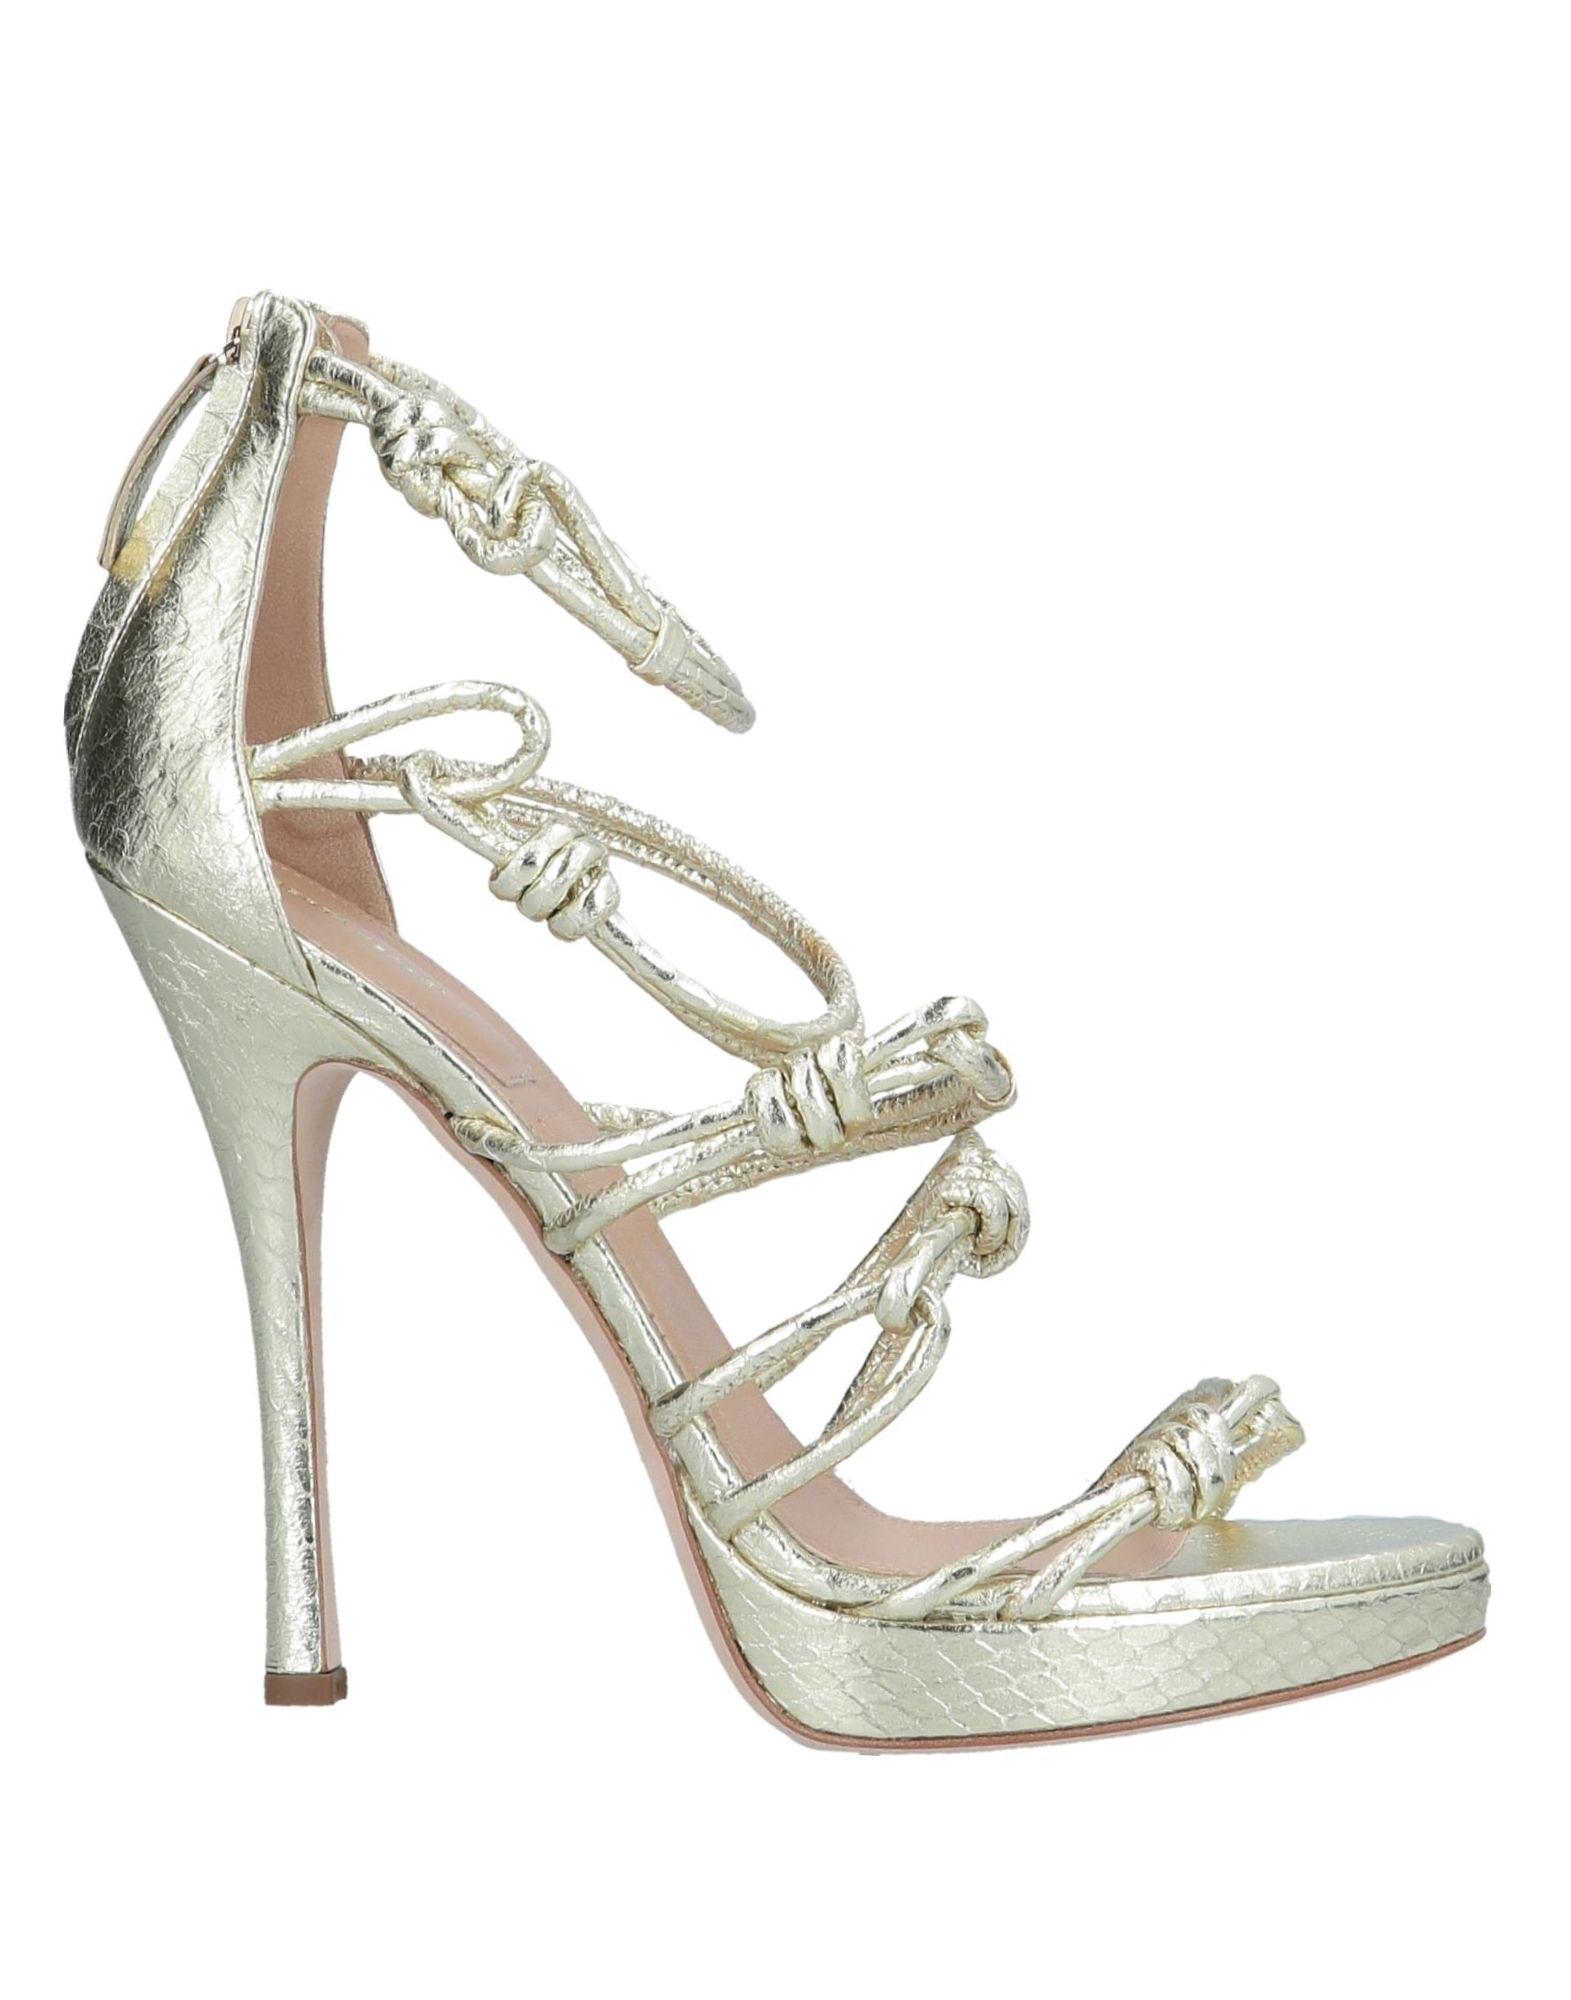 Alberta Ferretti Ferretti Sandals - Women Alberta Ferretti Ferretti Sandals online on  United Kingdom - 11571368TT 63fe5c